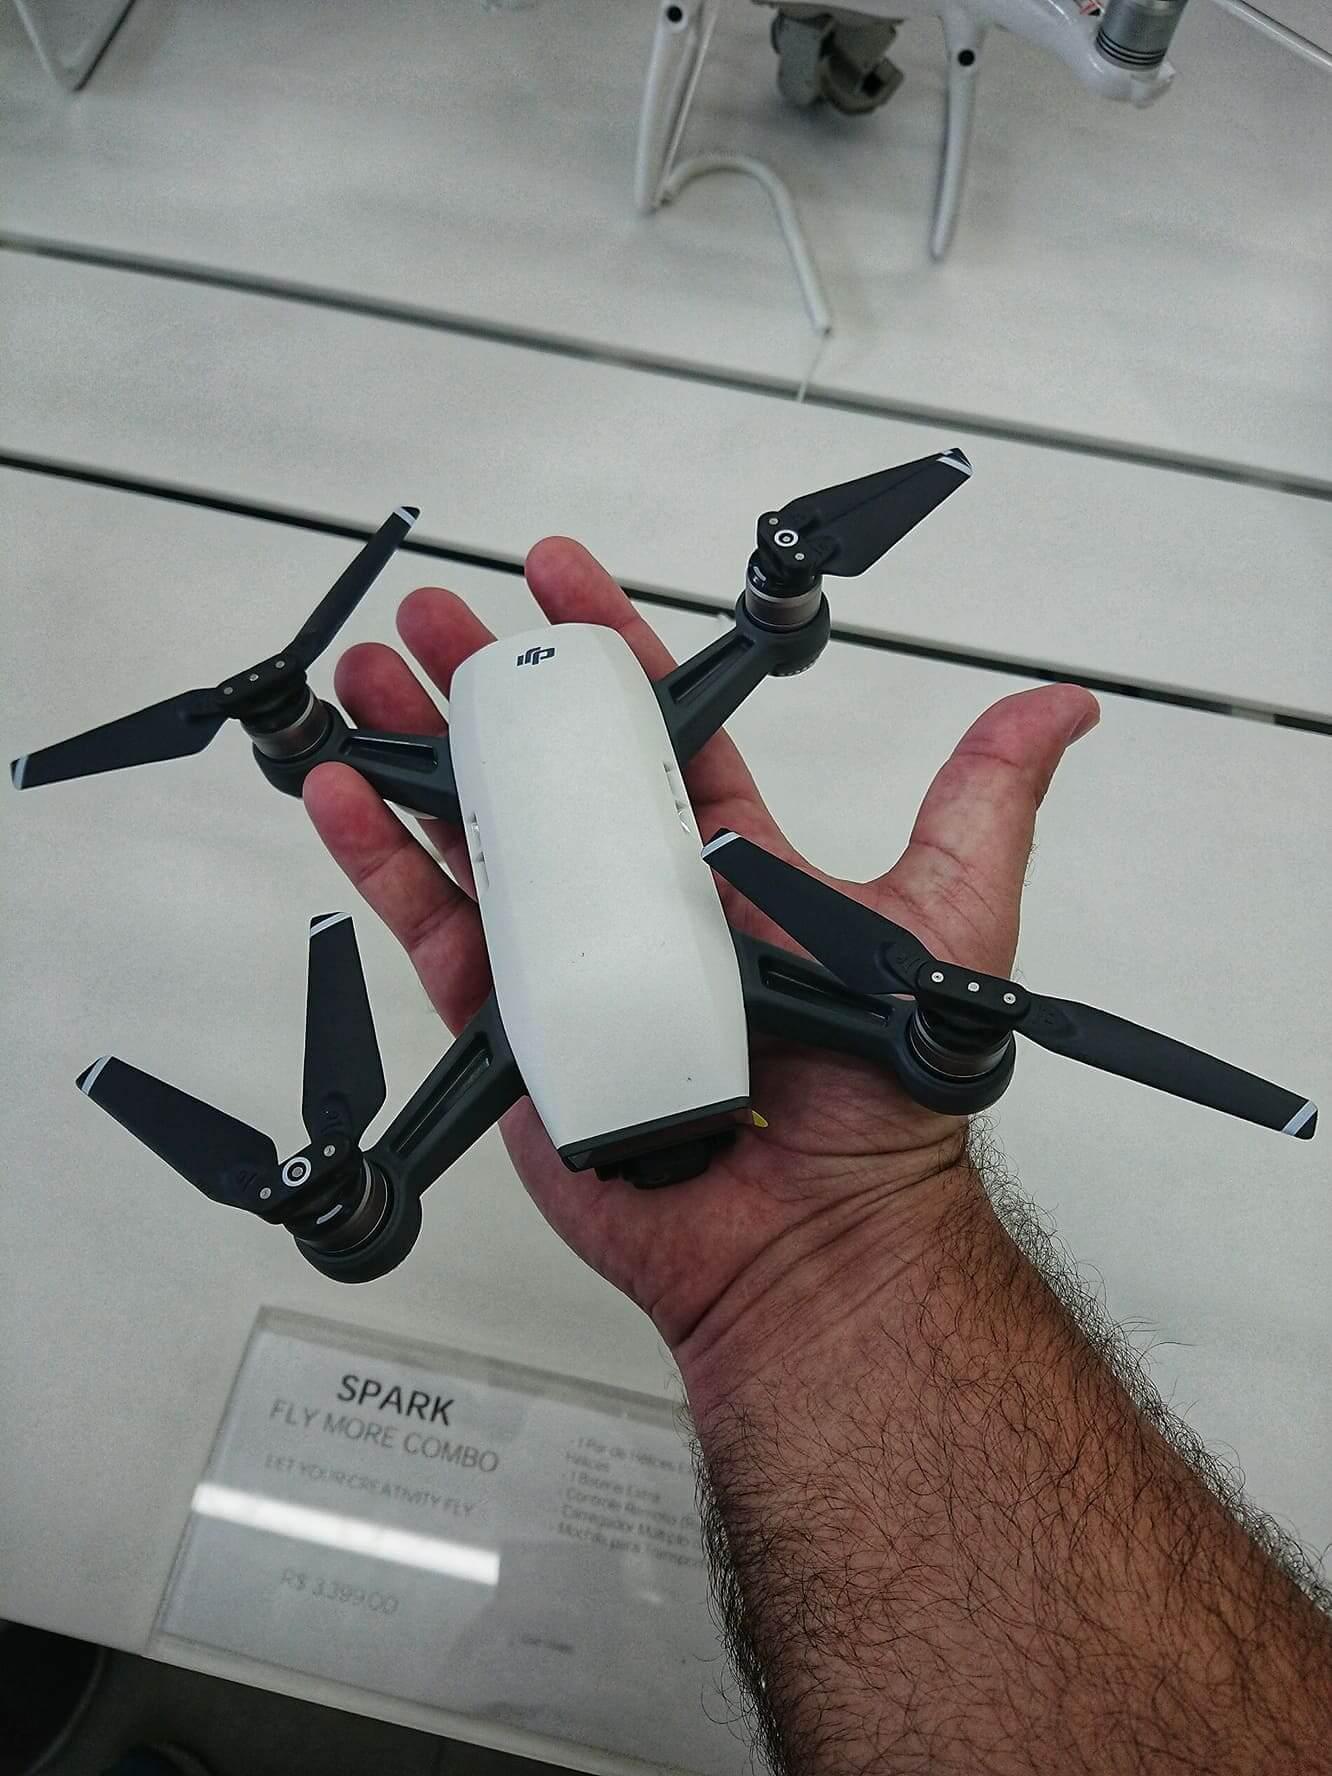 27018164 10157470635253312 1115460807 o - DJI lança primeira loja no Brasil com sorteio de drones